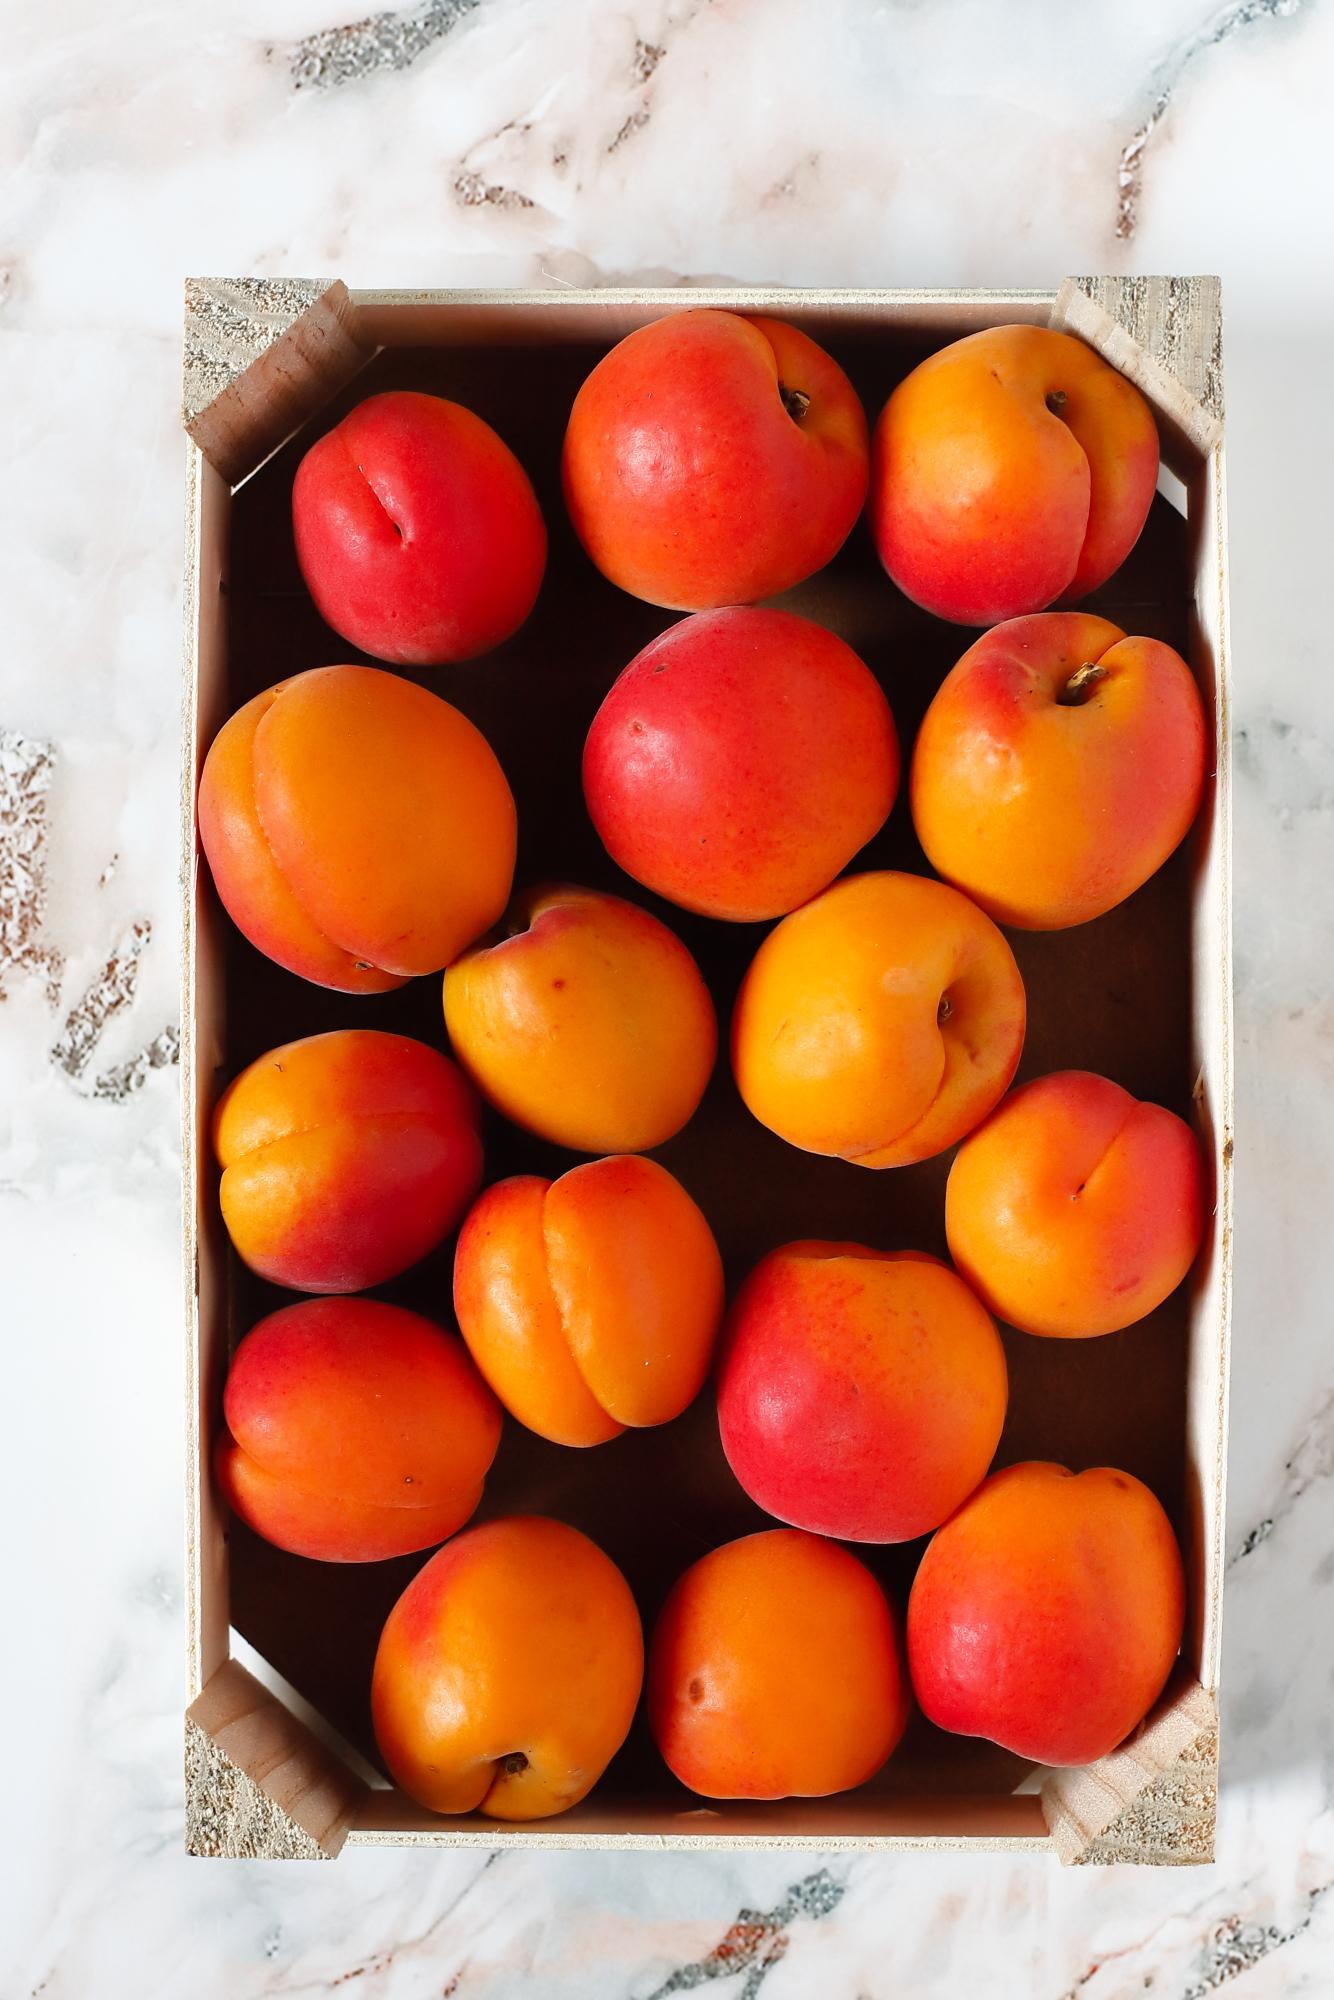 Duszone morele w likierze pomarańczowym